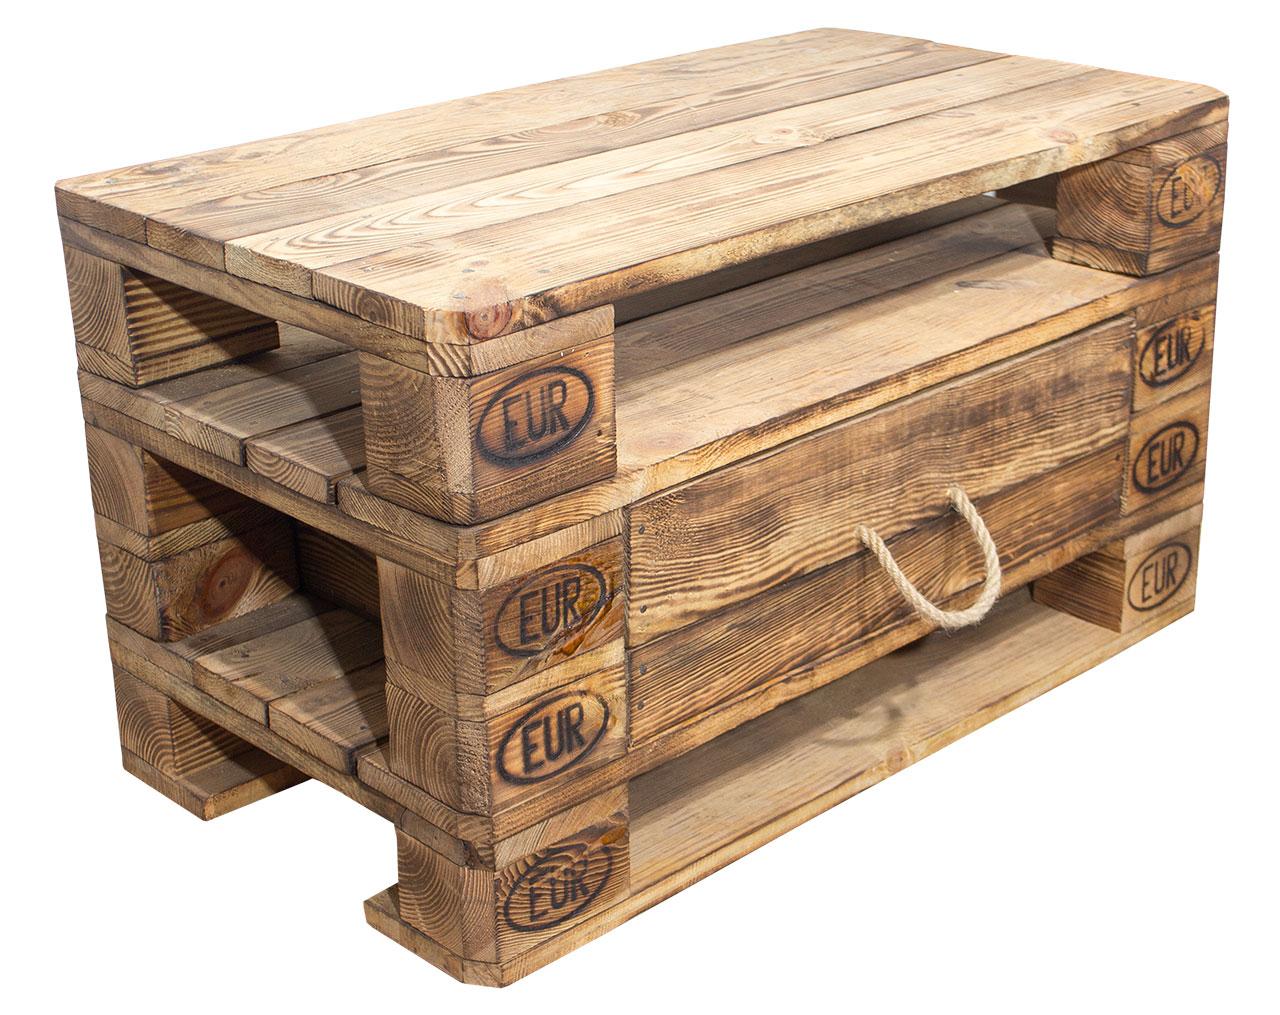 m bel vinterior kommode aus geflammten palettenholz 90x52x49cm. Black Bedroom Furniture Sets. Home Design Ideas